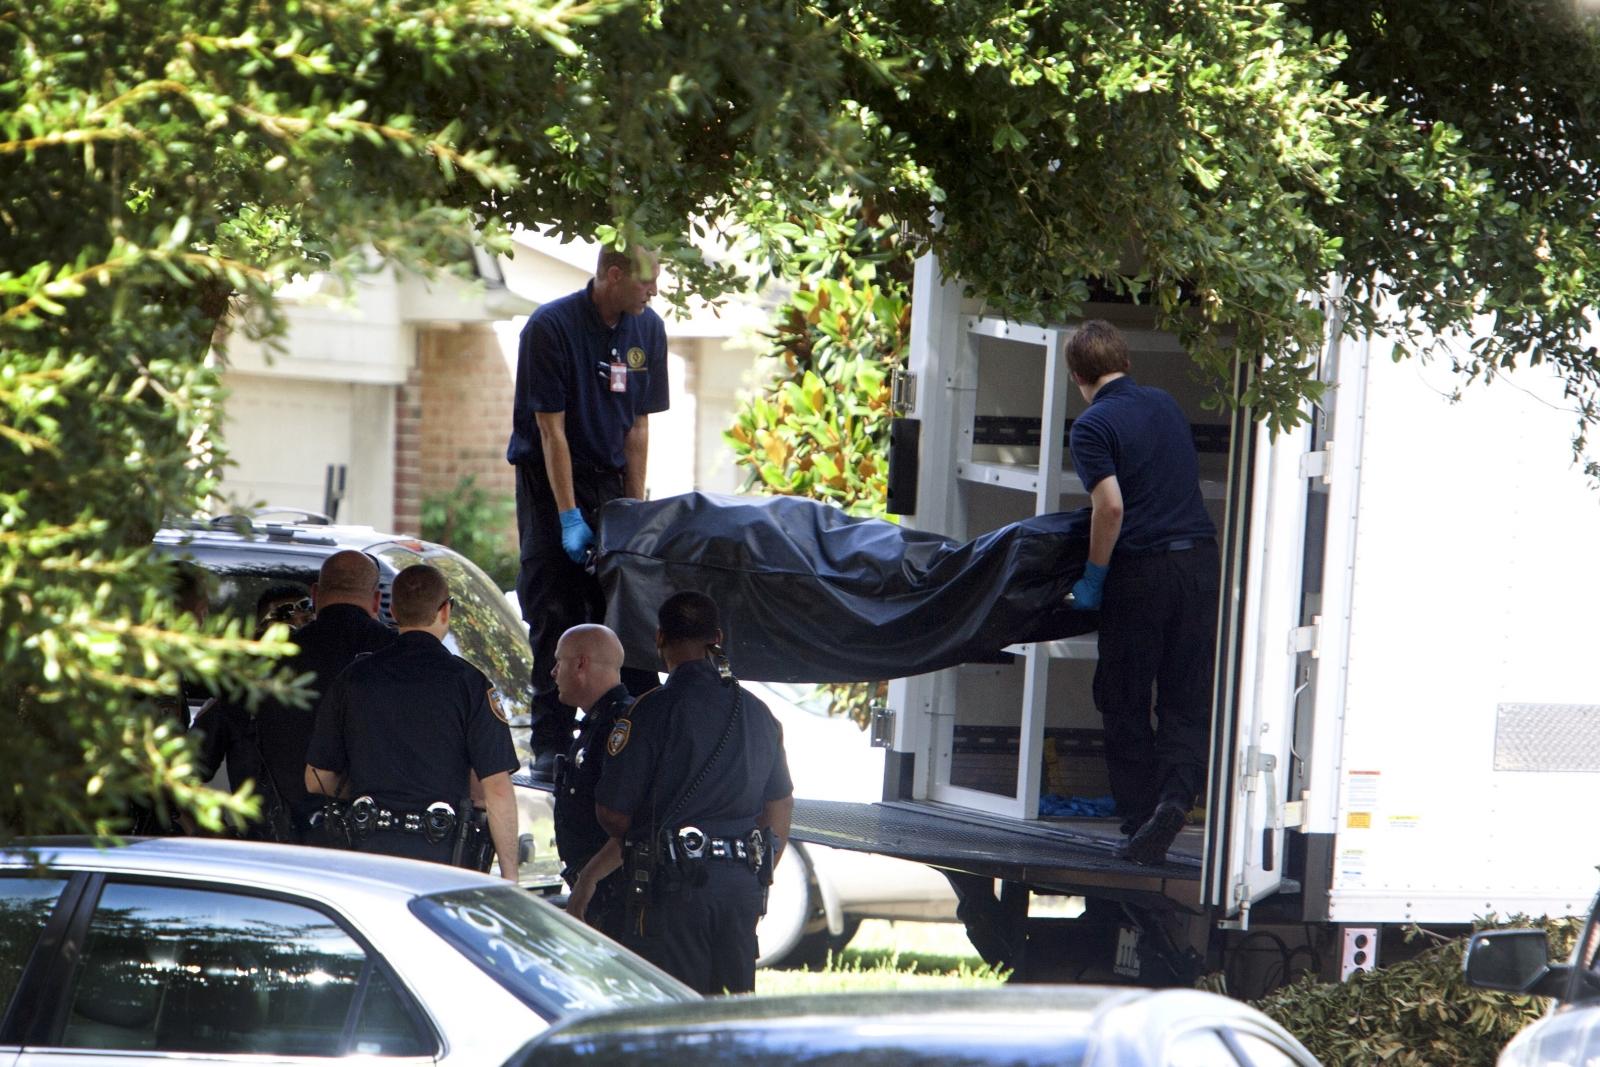 Body removed, Houston